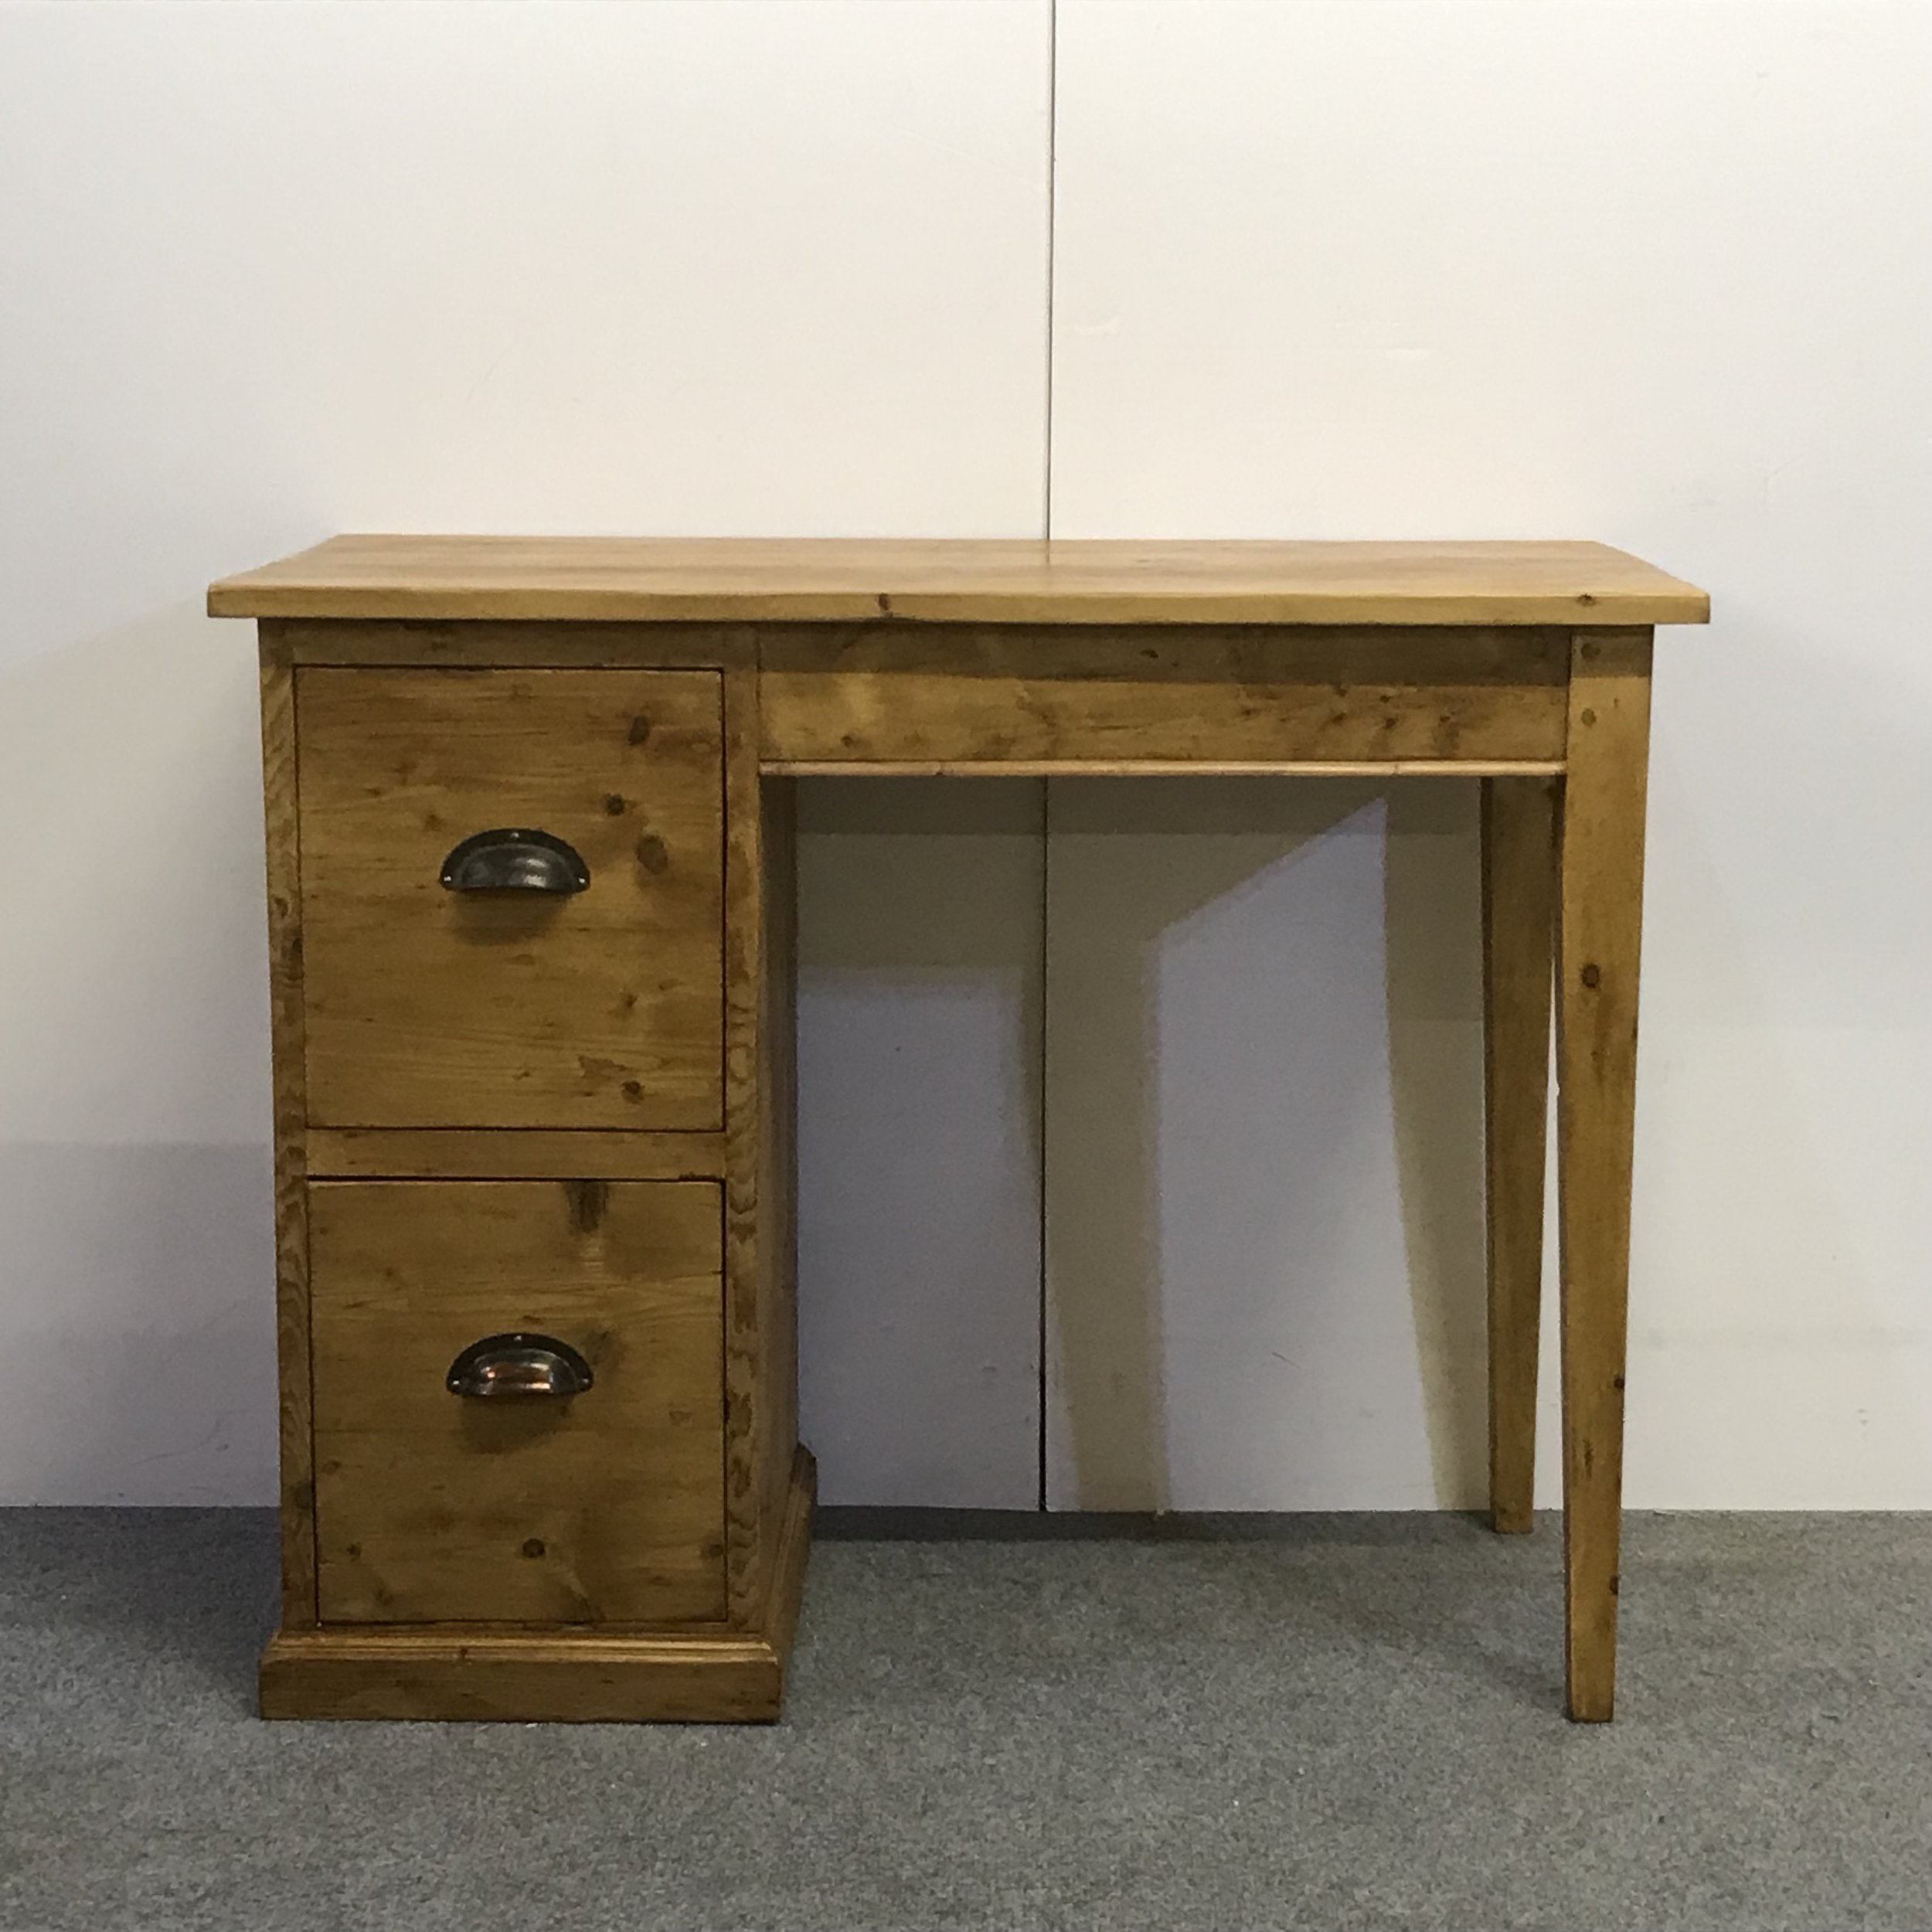 Made to measure pine desks